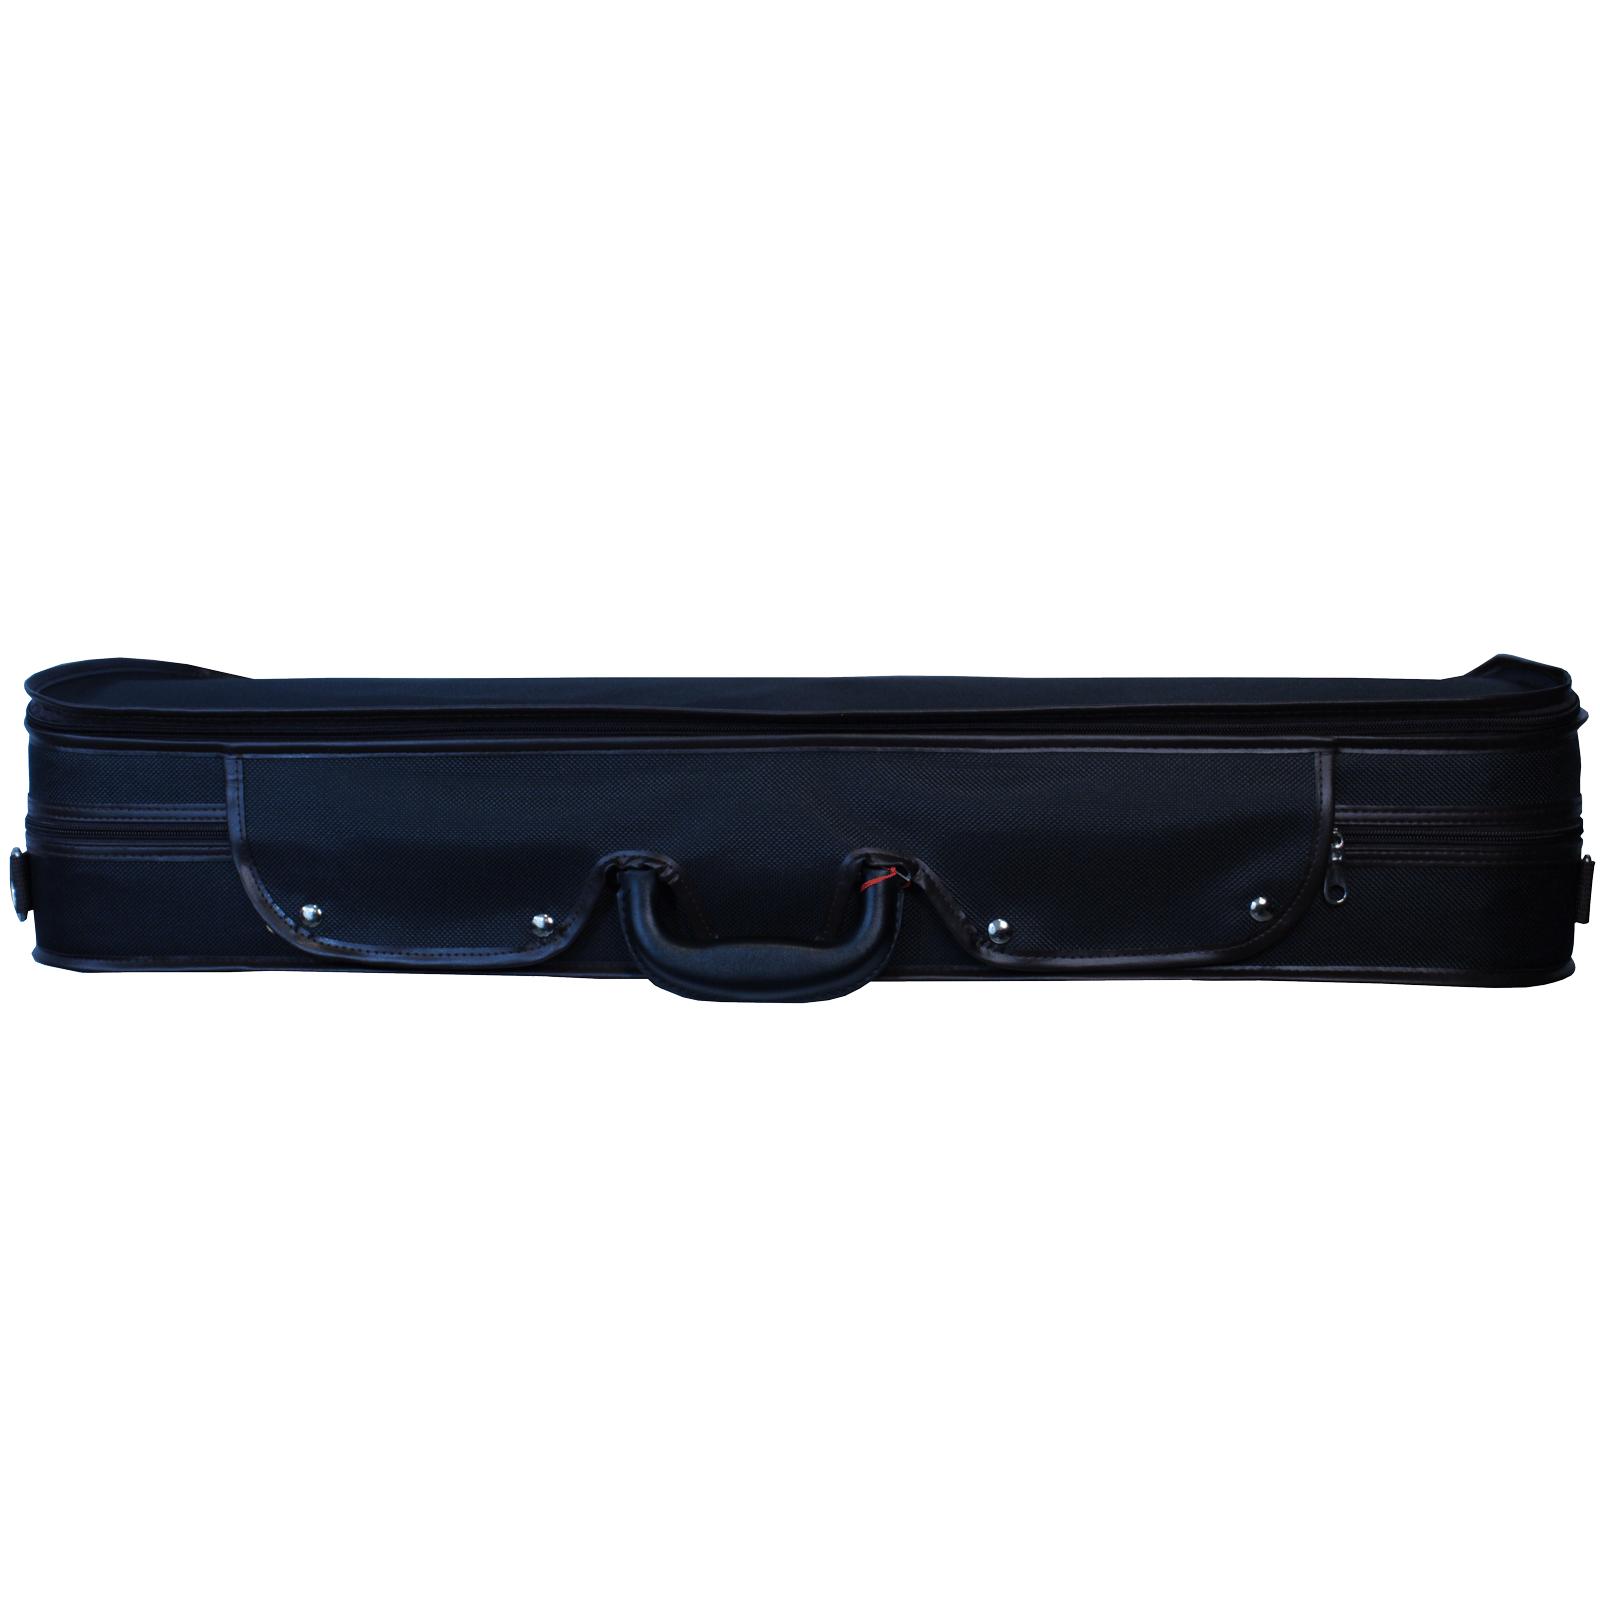 Estojo retangular térmico luxo preto para violino (exterior) e marrom com café (interior)